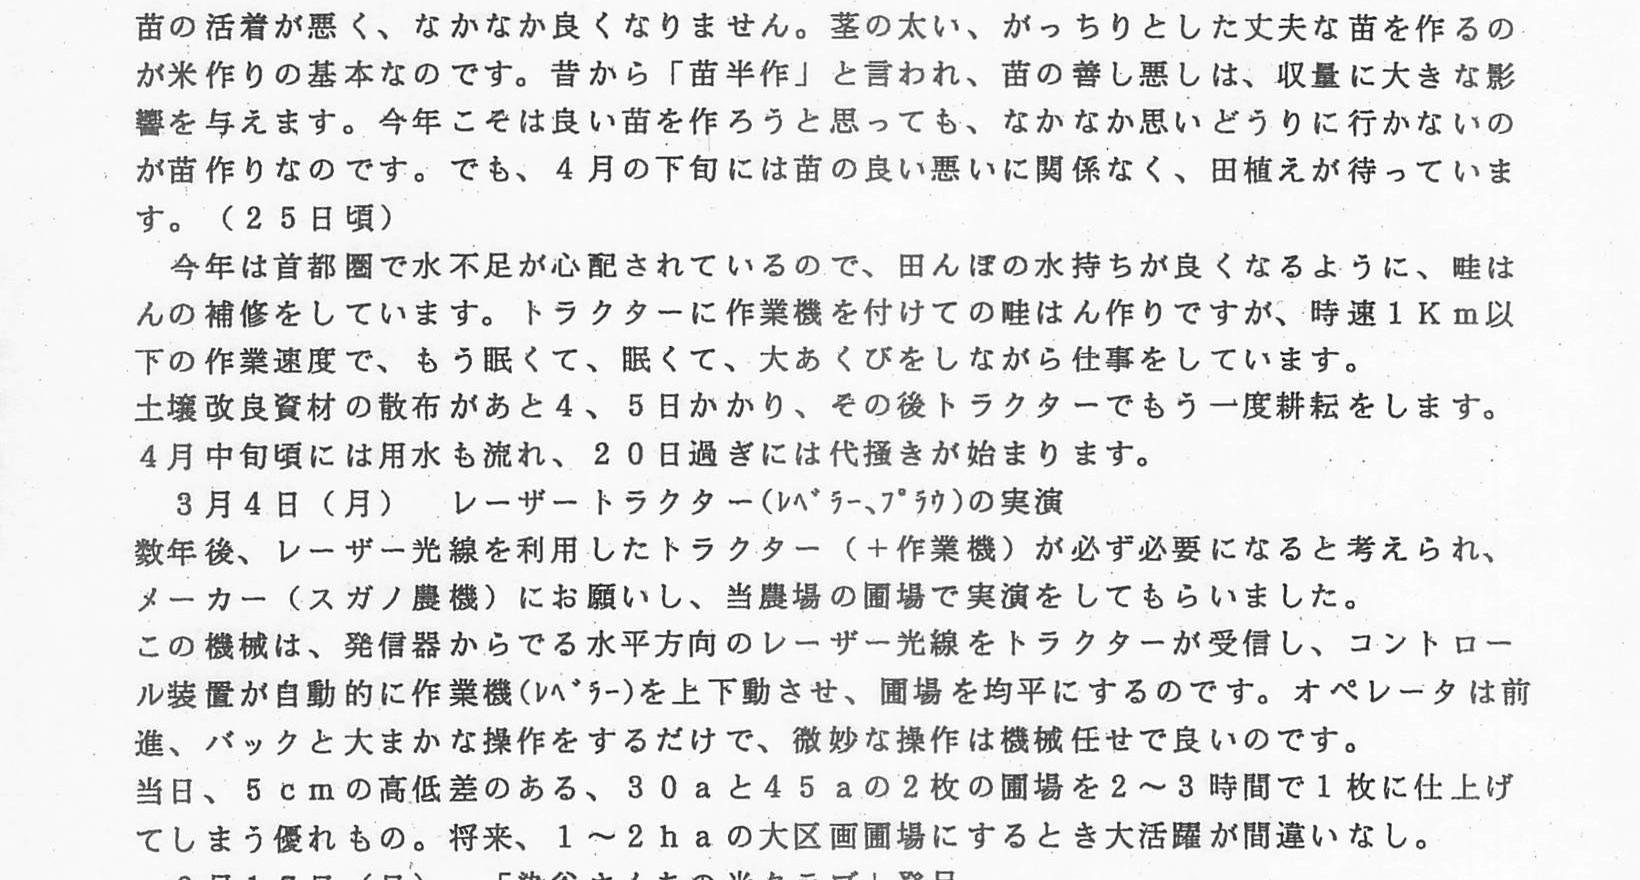 19960401_あぜ道だよりNo4.jpg